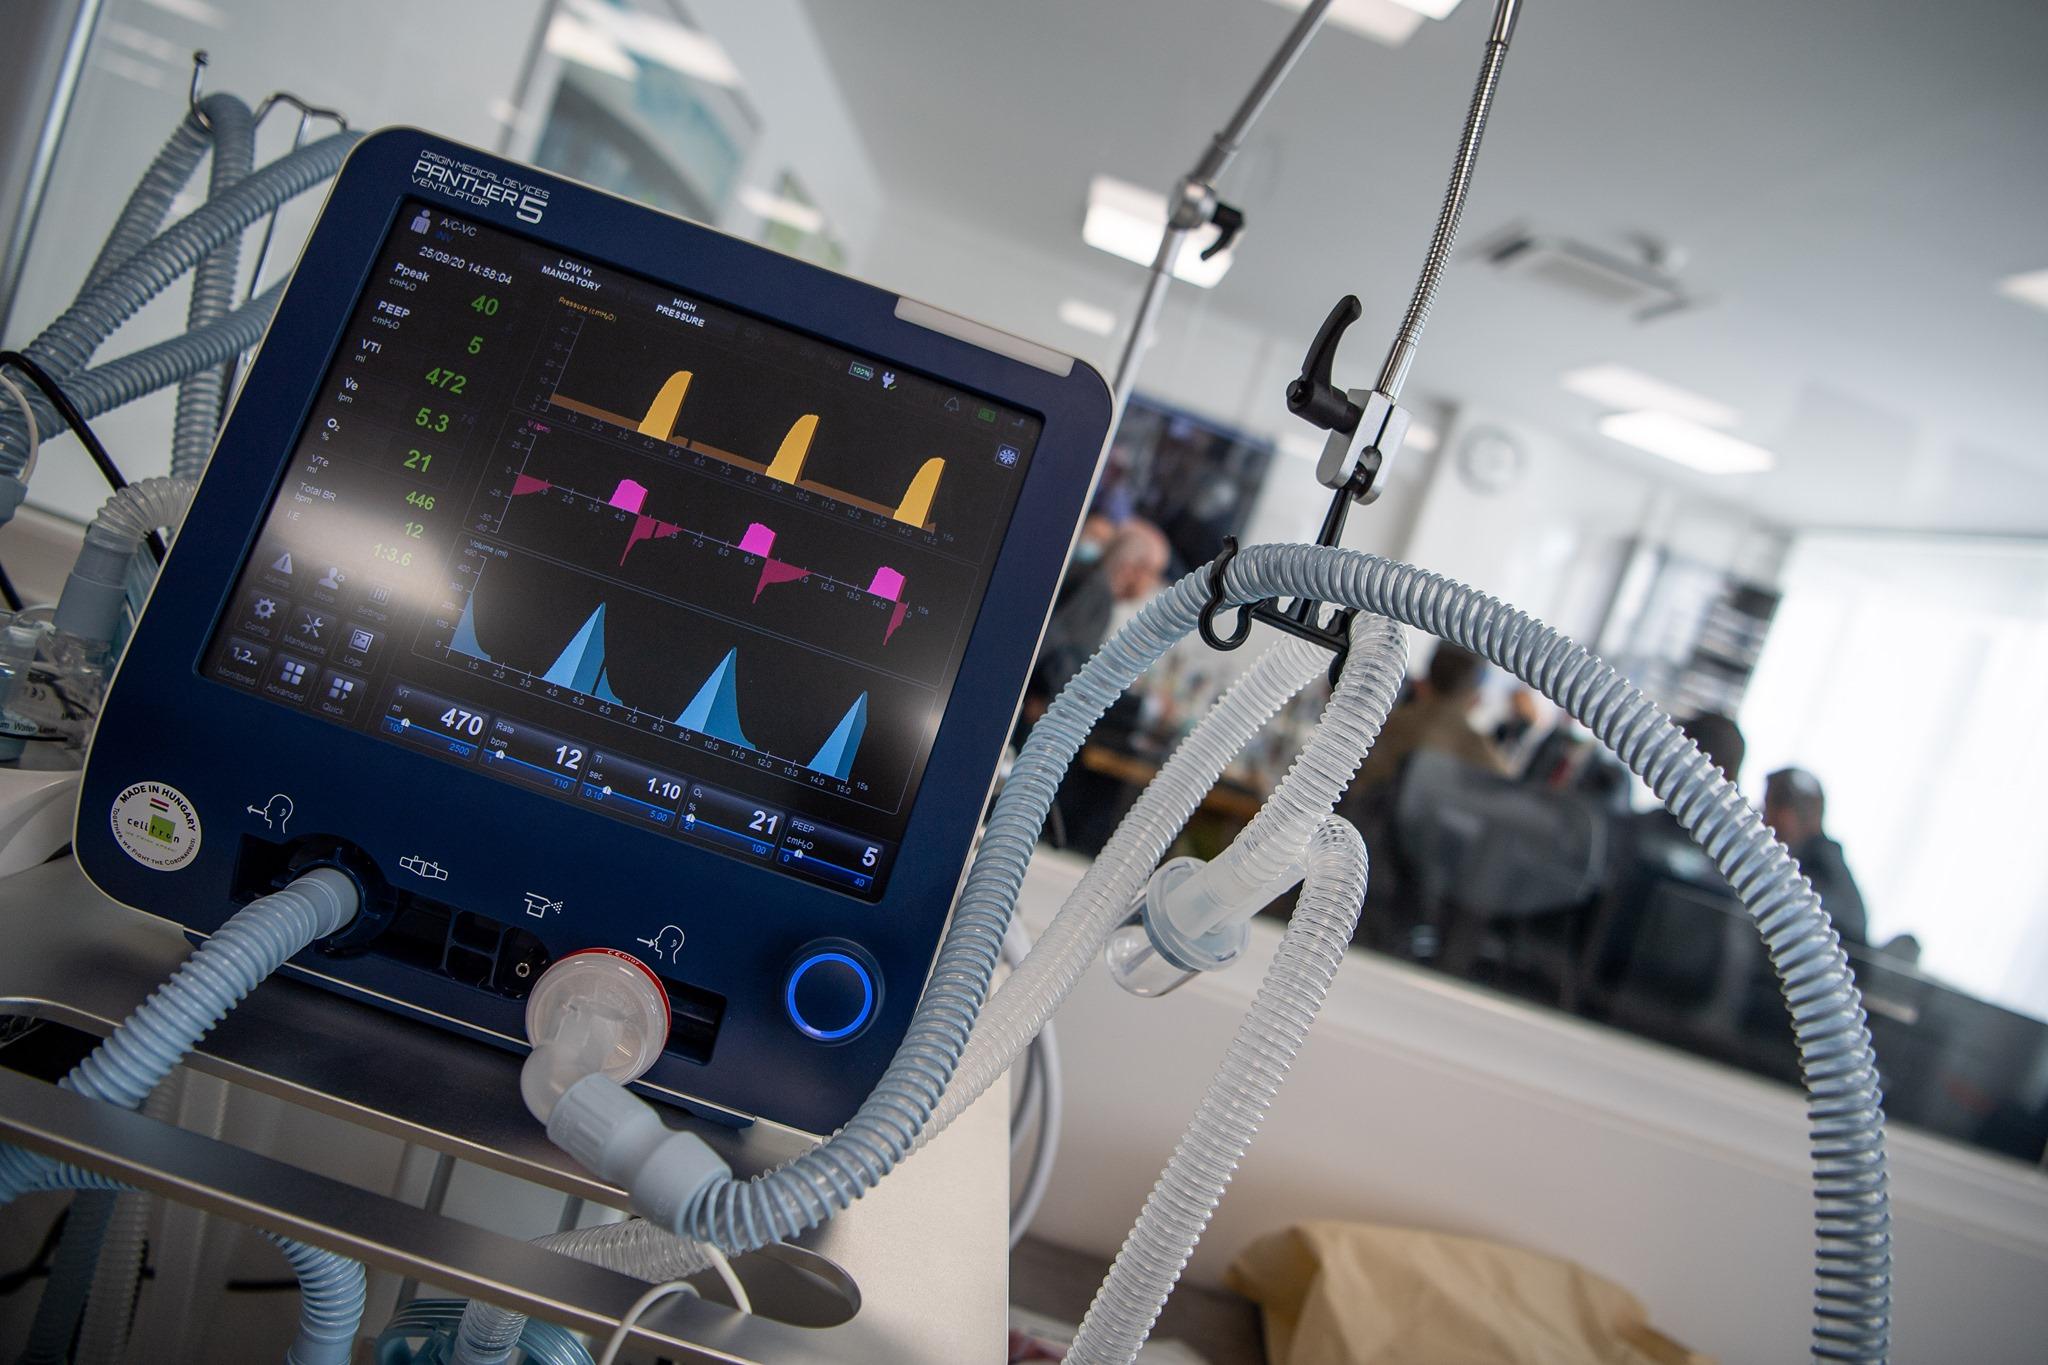 Az EU-s közbeszerésen már nem sikerült eladni azokat a lélegeztetőgépeket, amiket a magyar állam tavasszal simán megvett aranyáron